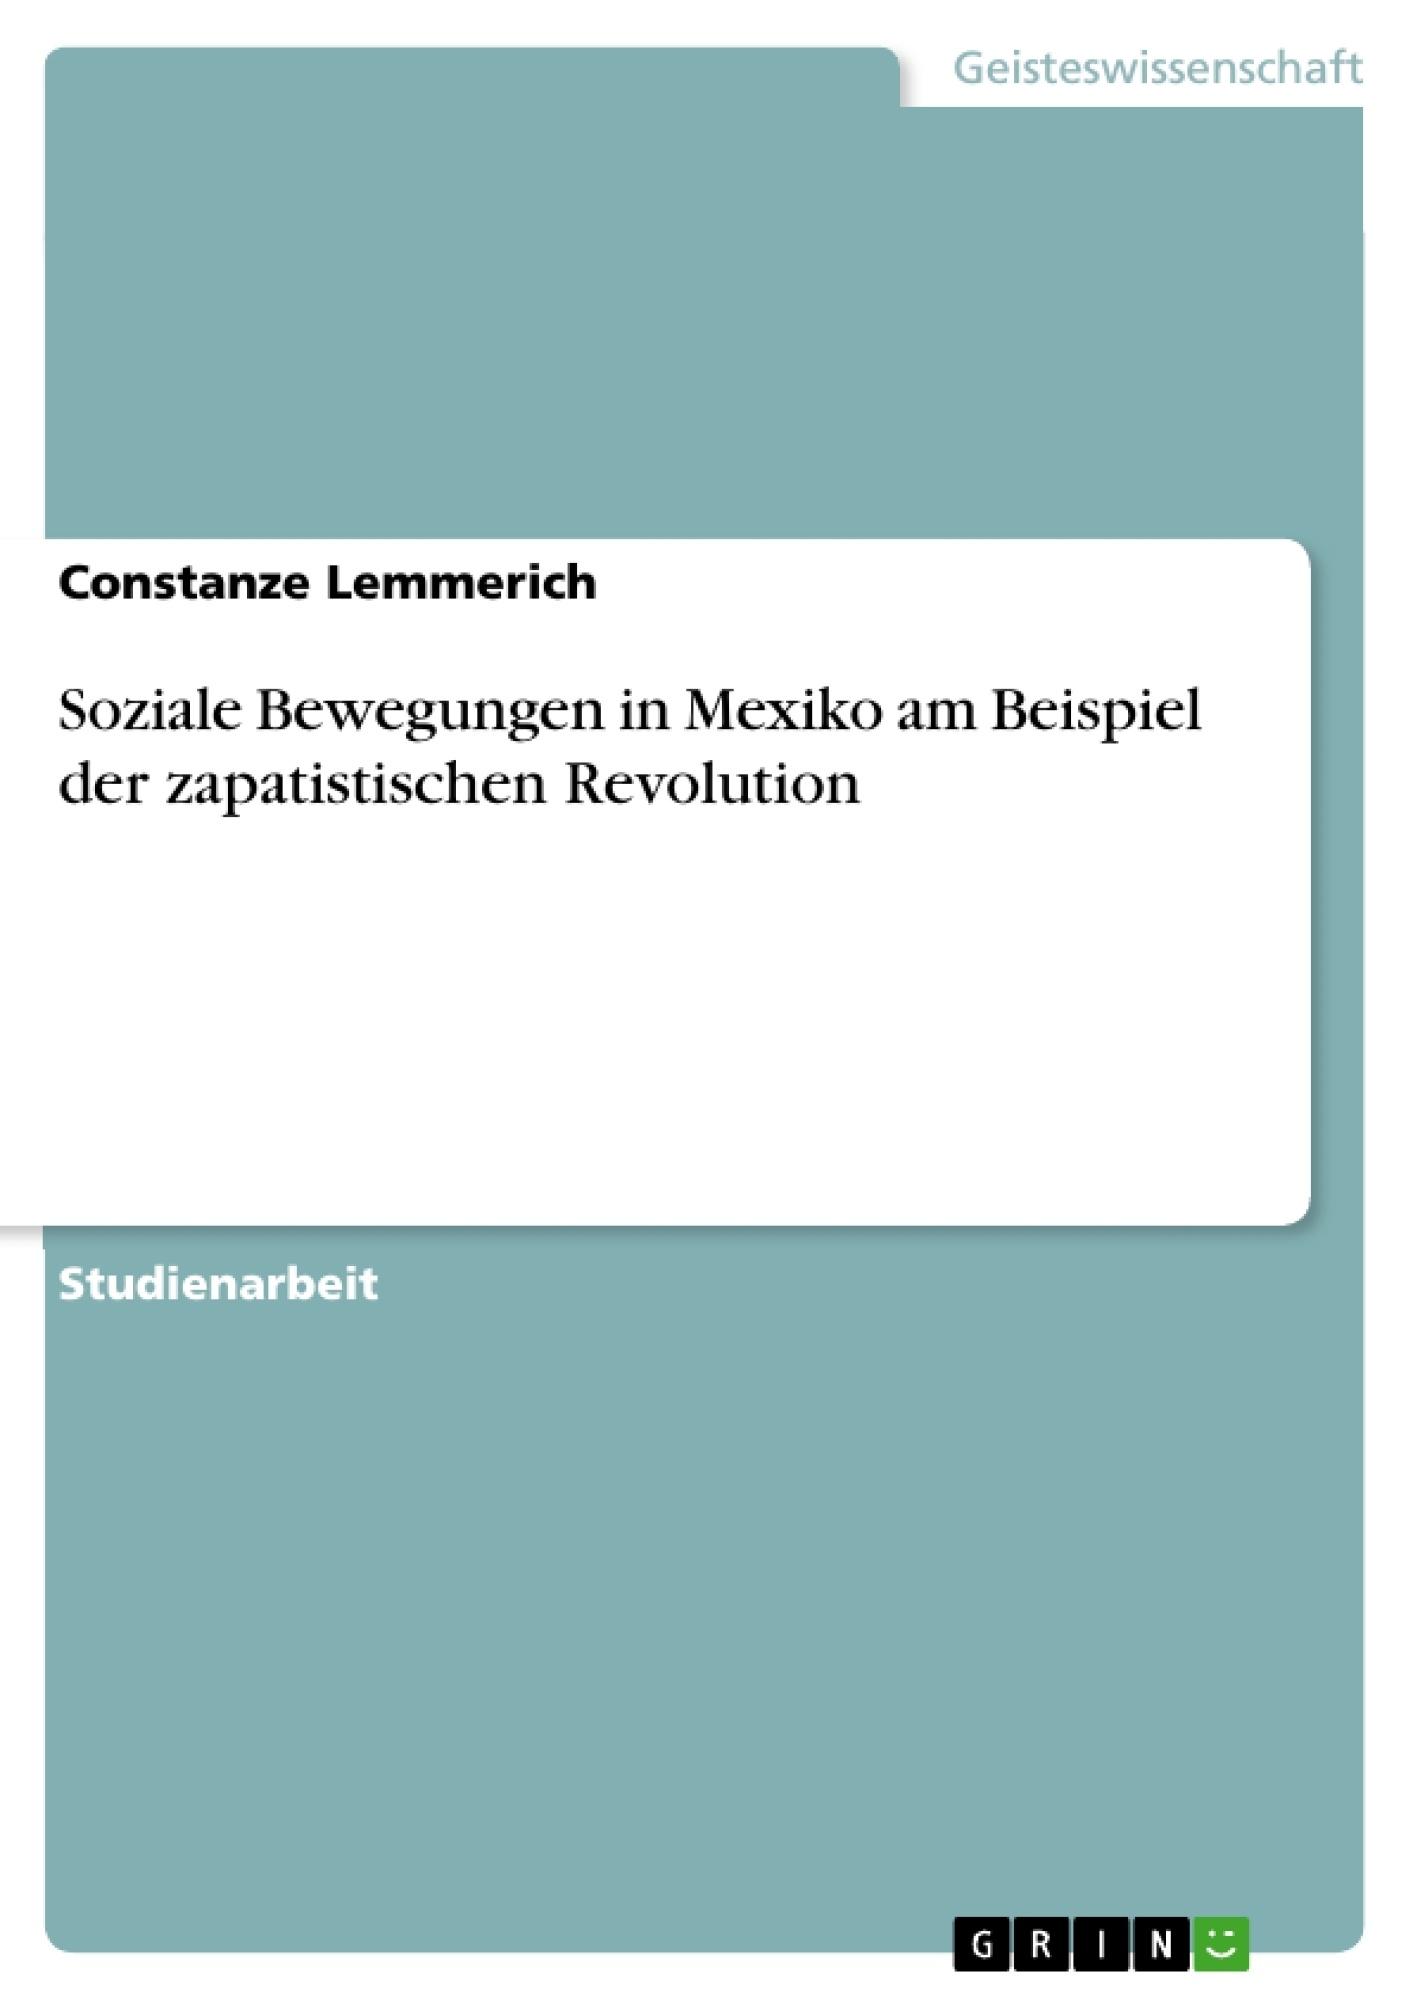 Titel: Soziale Bewegungen in Mexiko am Beispiel der zapatistischen Revolution